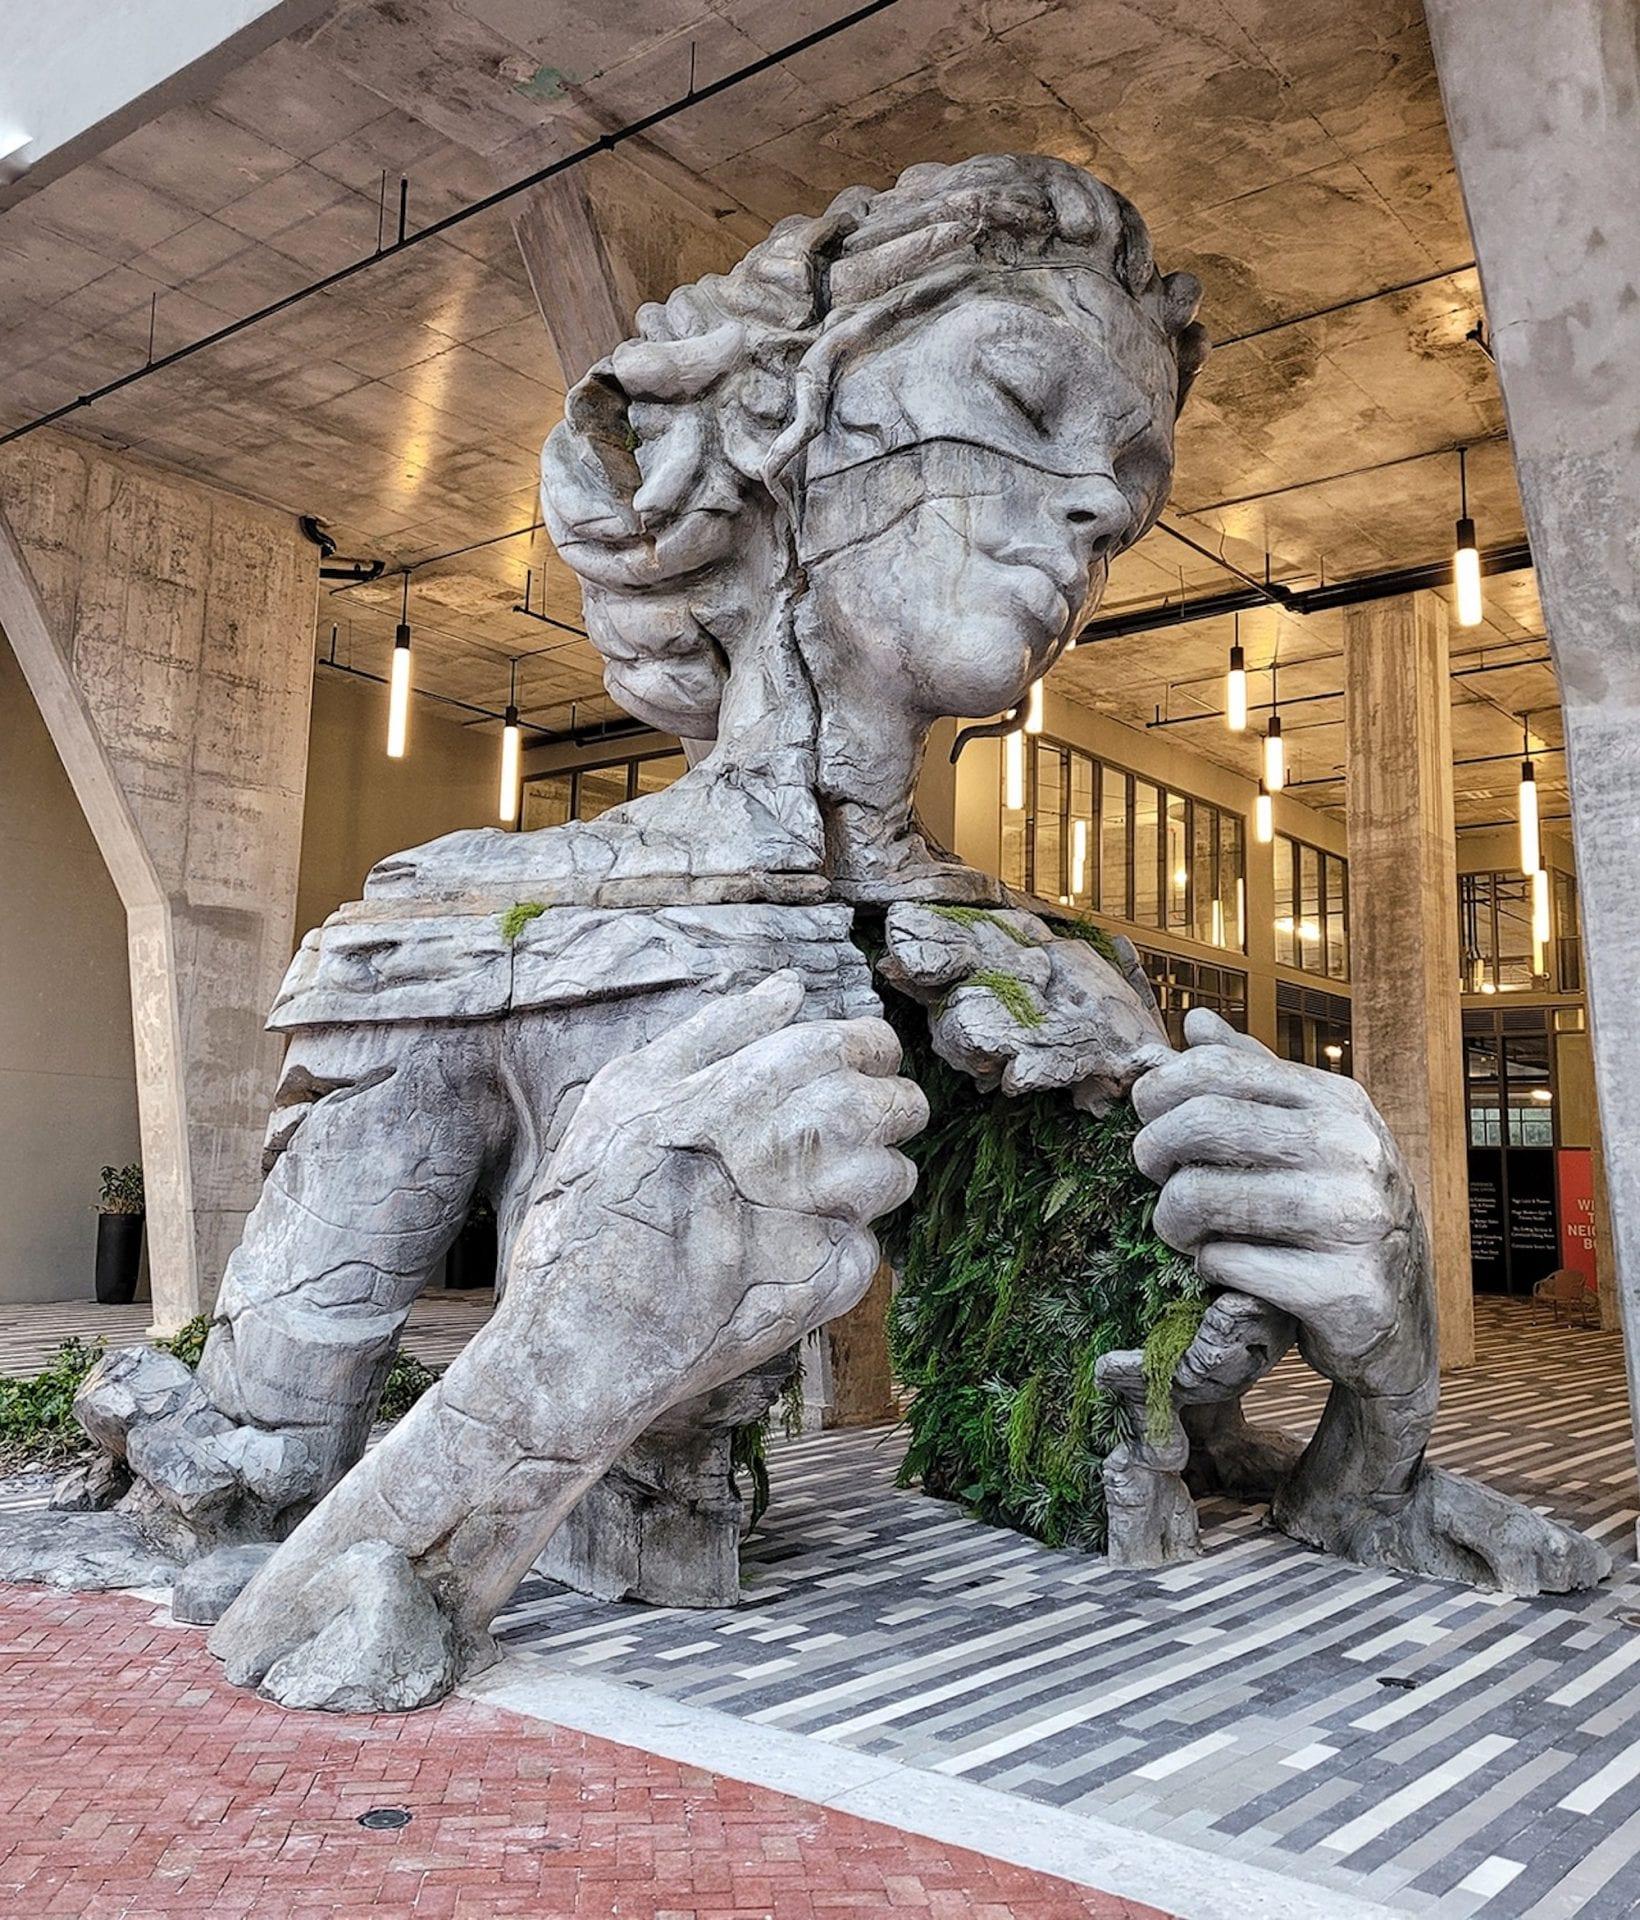 Cette statue de 9 mètres de haut réalisée par Daniel Popper ouvre sa poitrine pour dévoiler un tunnel de fougères